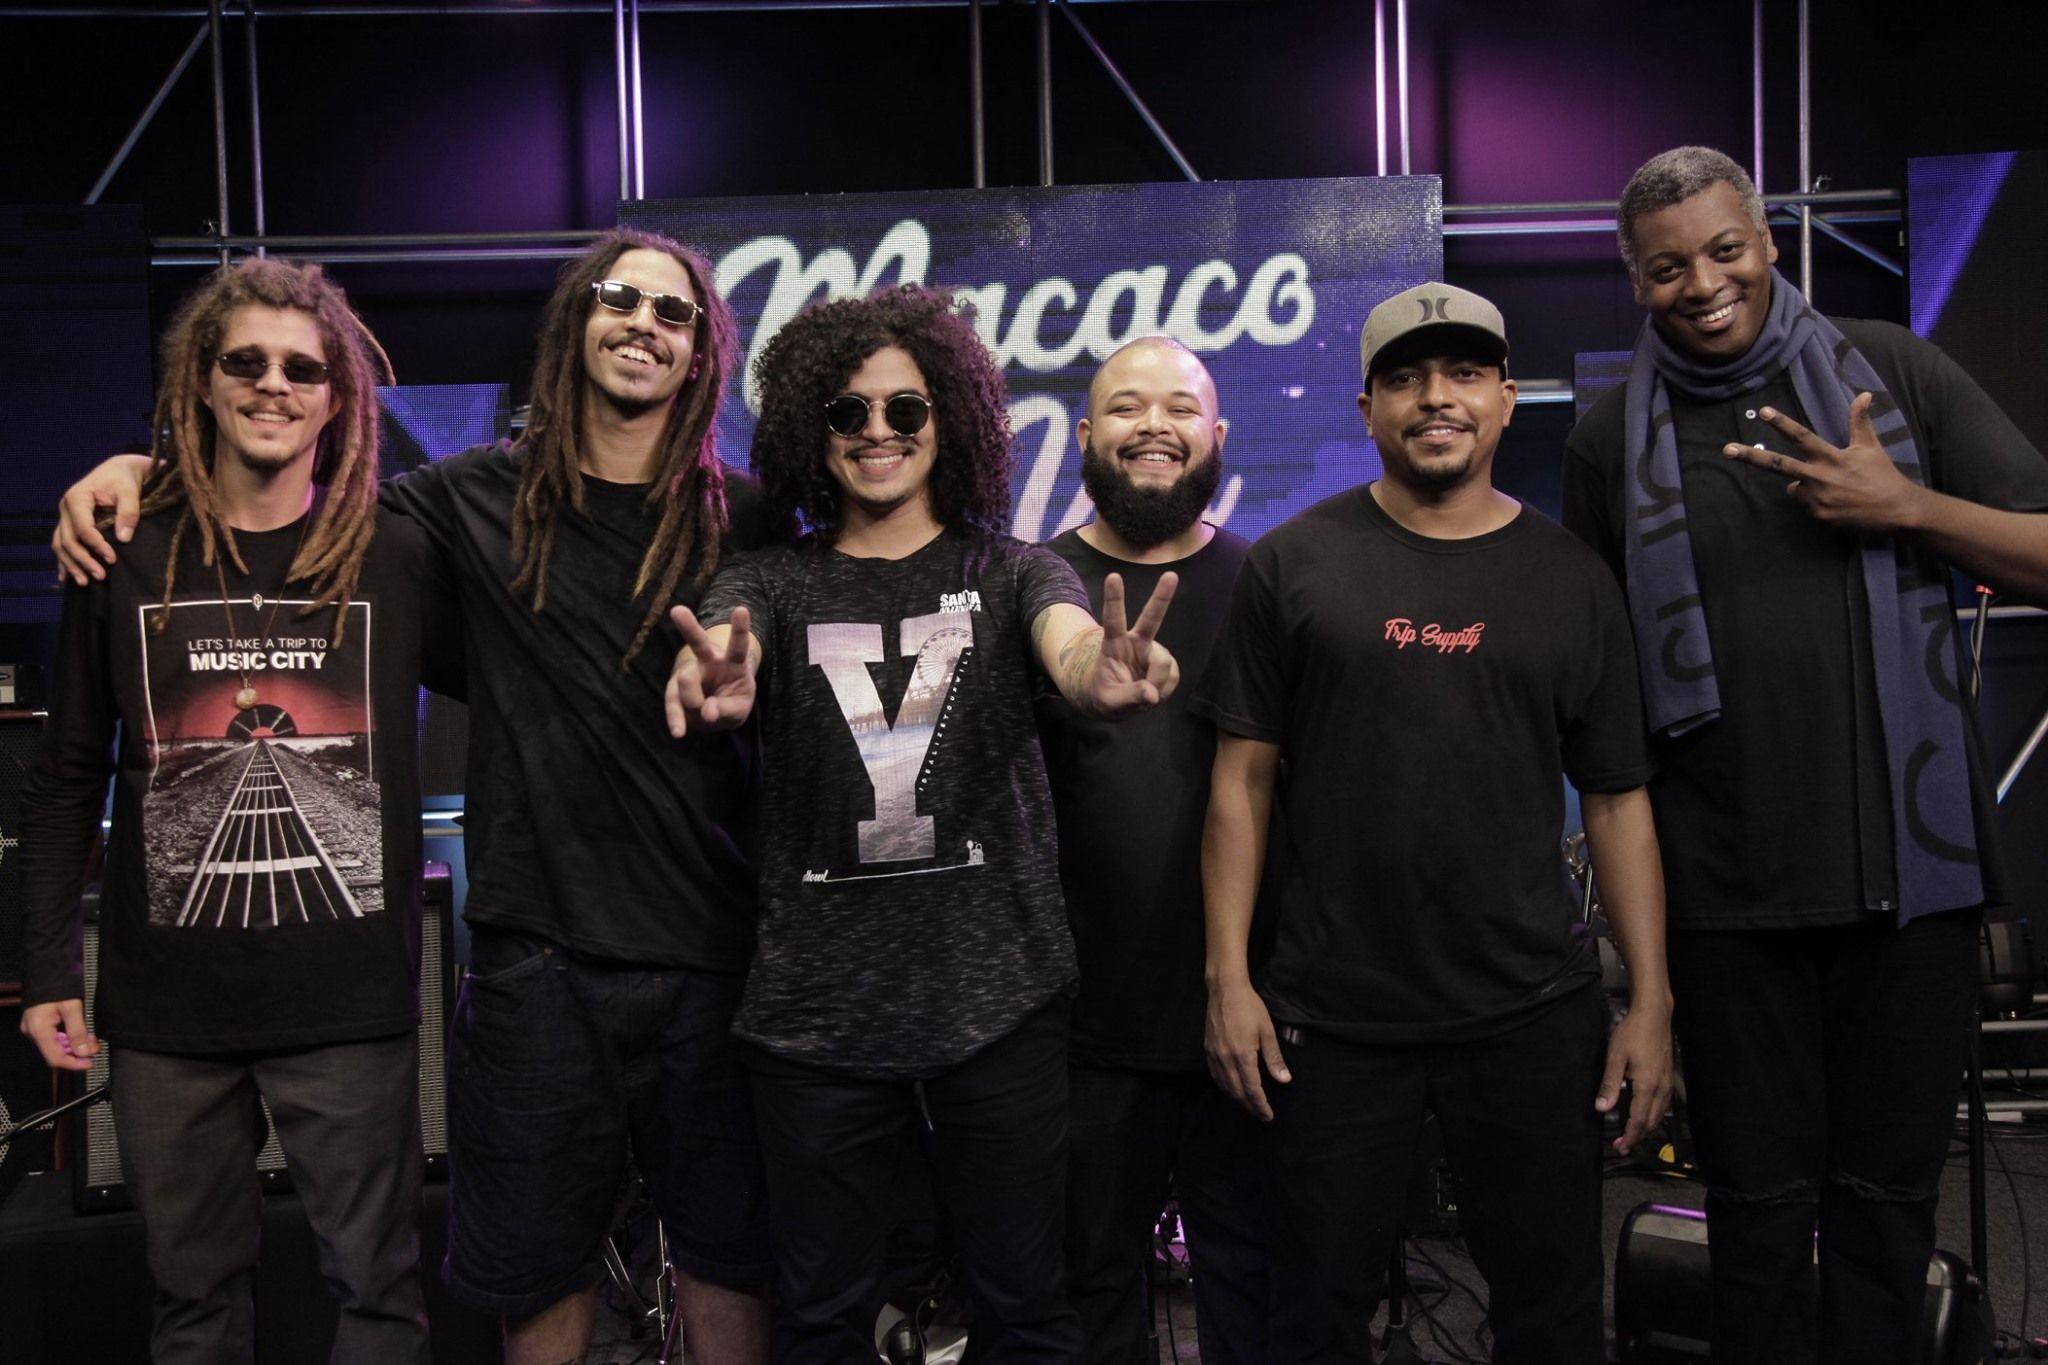 Banda Macaco Véi faz um som que ultrapassa as fronteiras do pop rock